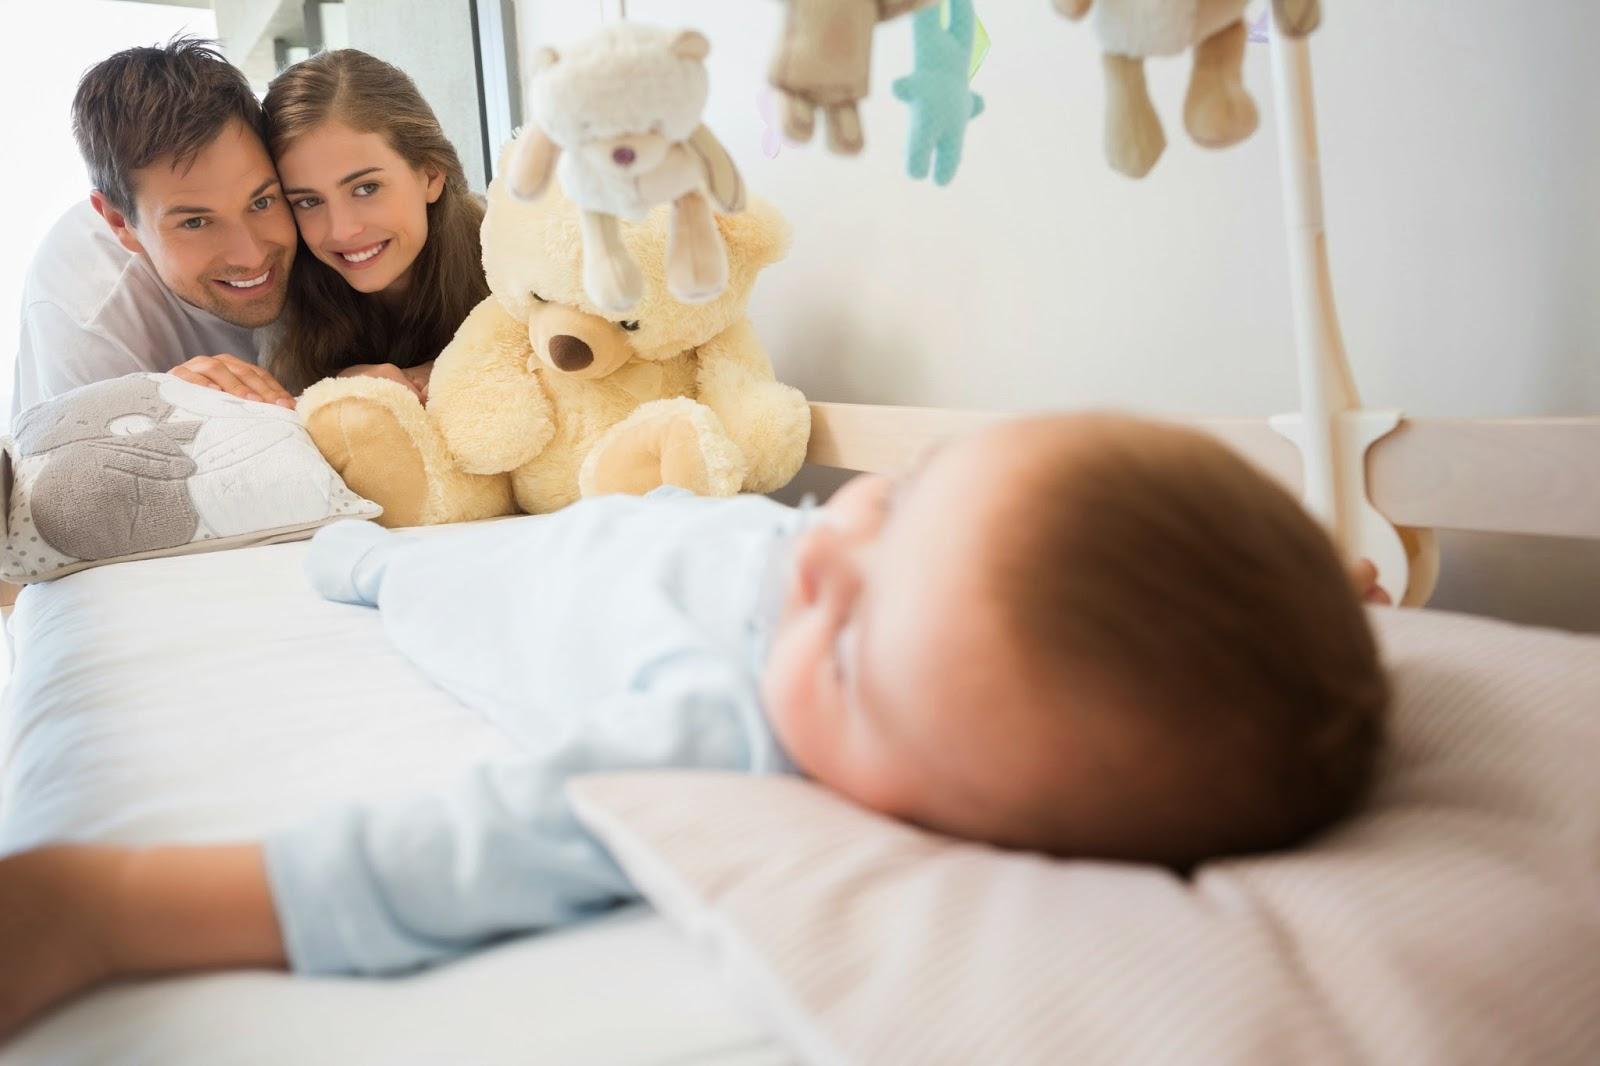 پوشک بچه و ابهامات مادر در رابطه با تعویض پوشک بچه